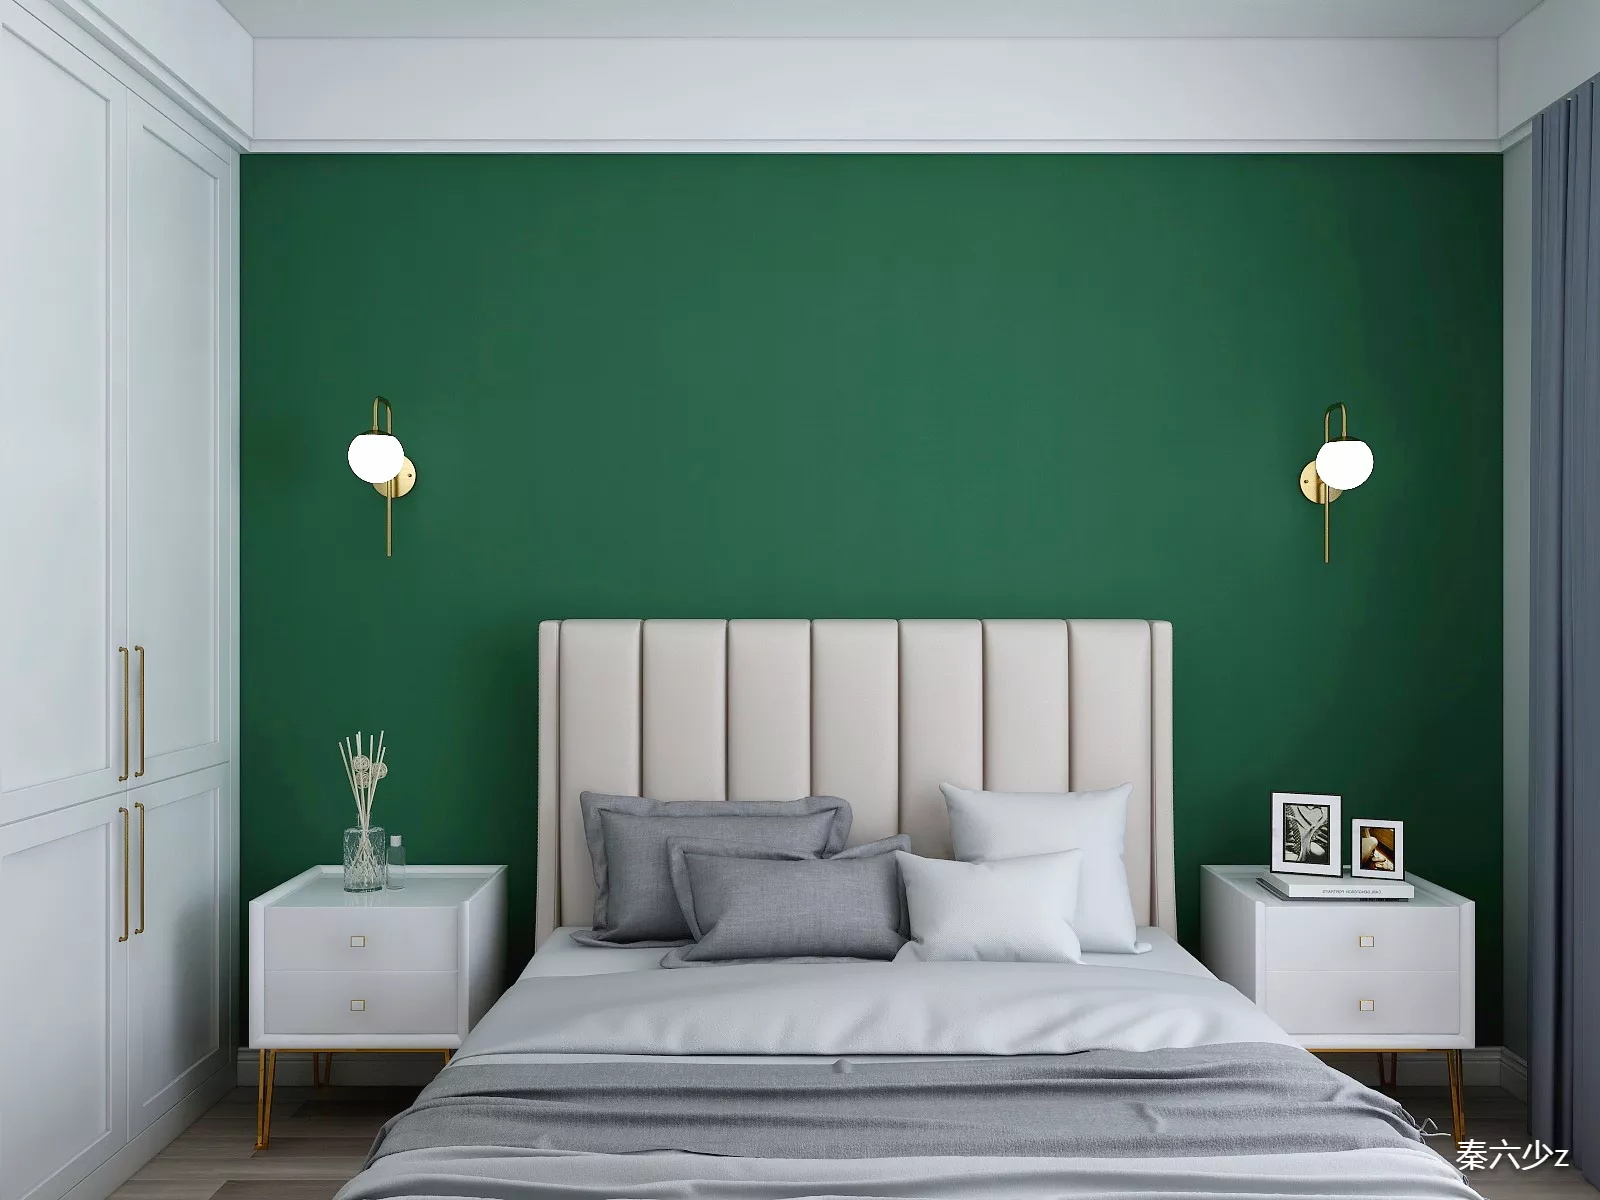 大气舒适型书房照片墙装修效果图